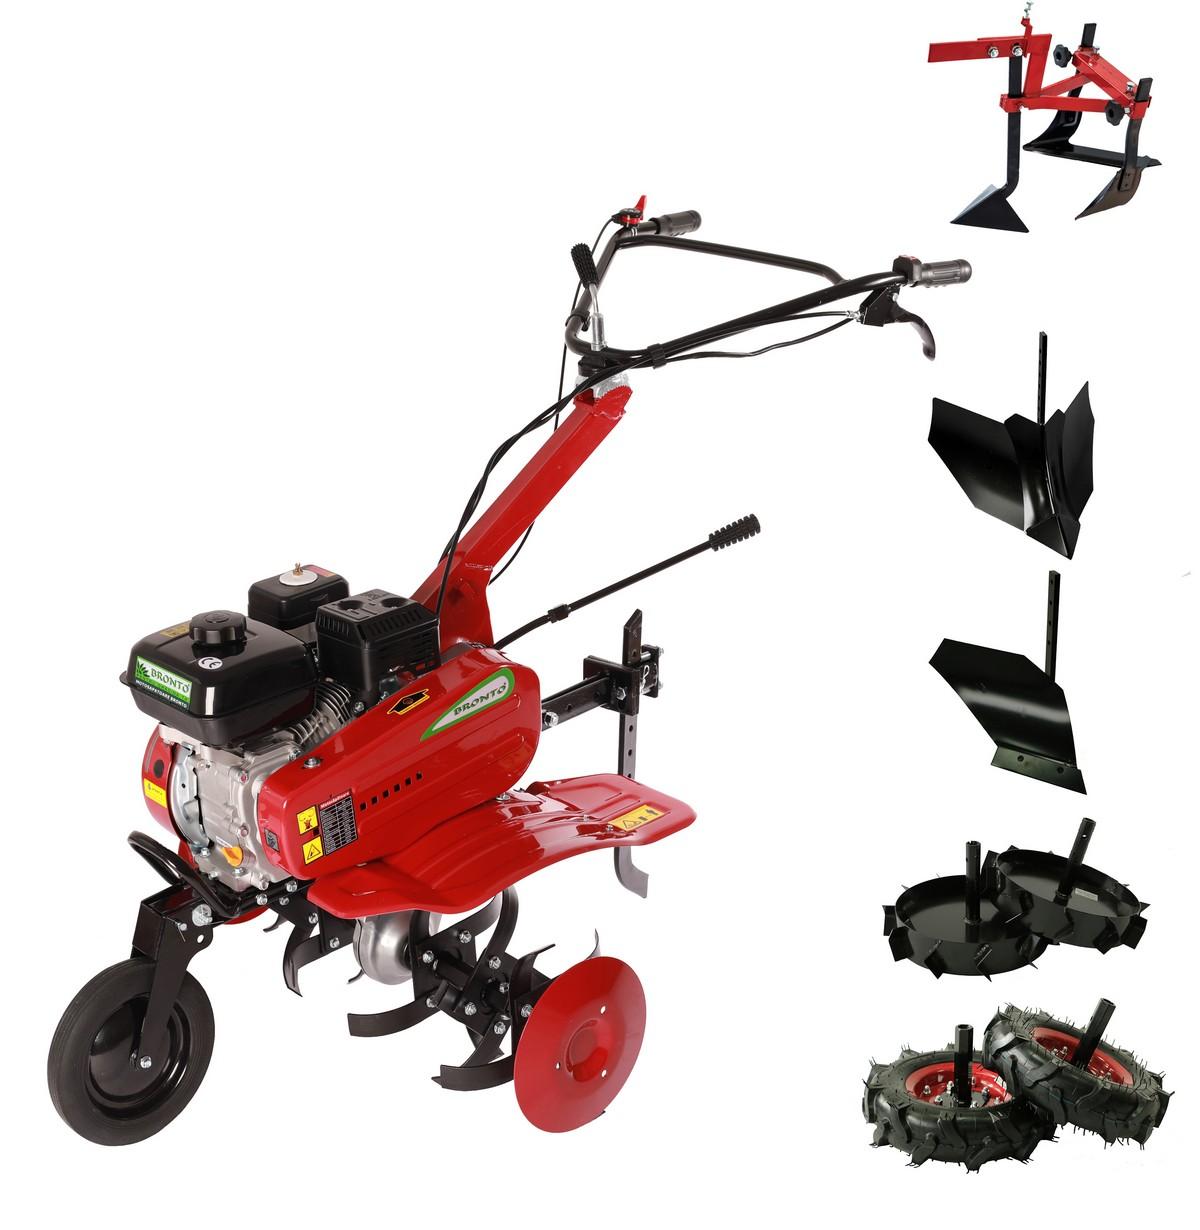 Motosapatoare Bronto WMA 500, 5 CP, 196 cc, 4T, latime lucru 50 - 80 cm, pachet P6 cu adaptor, roti cauciuc, plug pentru umplut, plug dreapta, roti ghieare fier si culivator